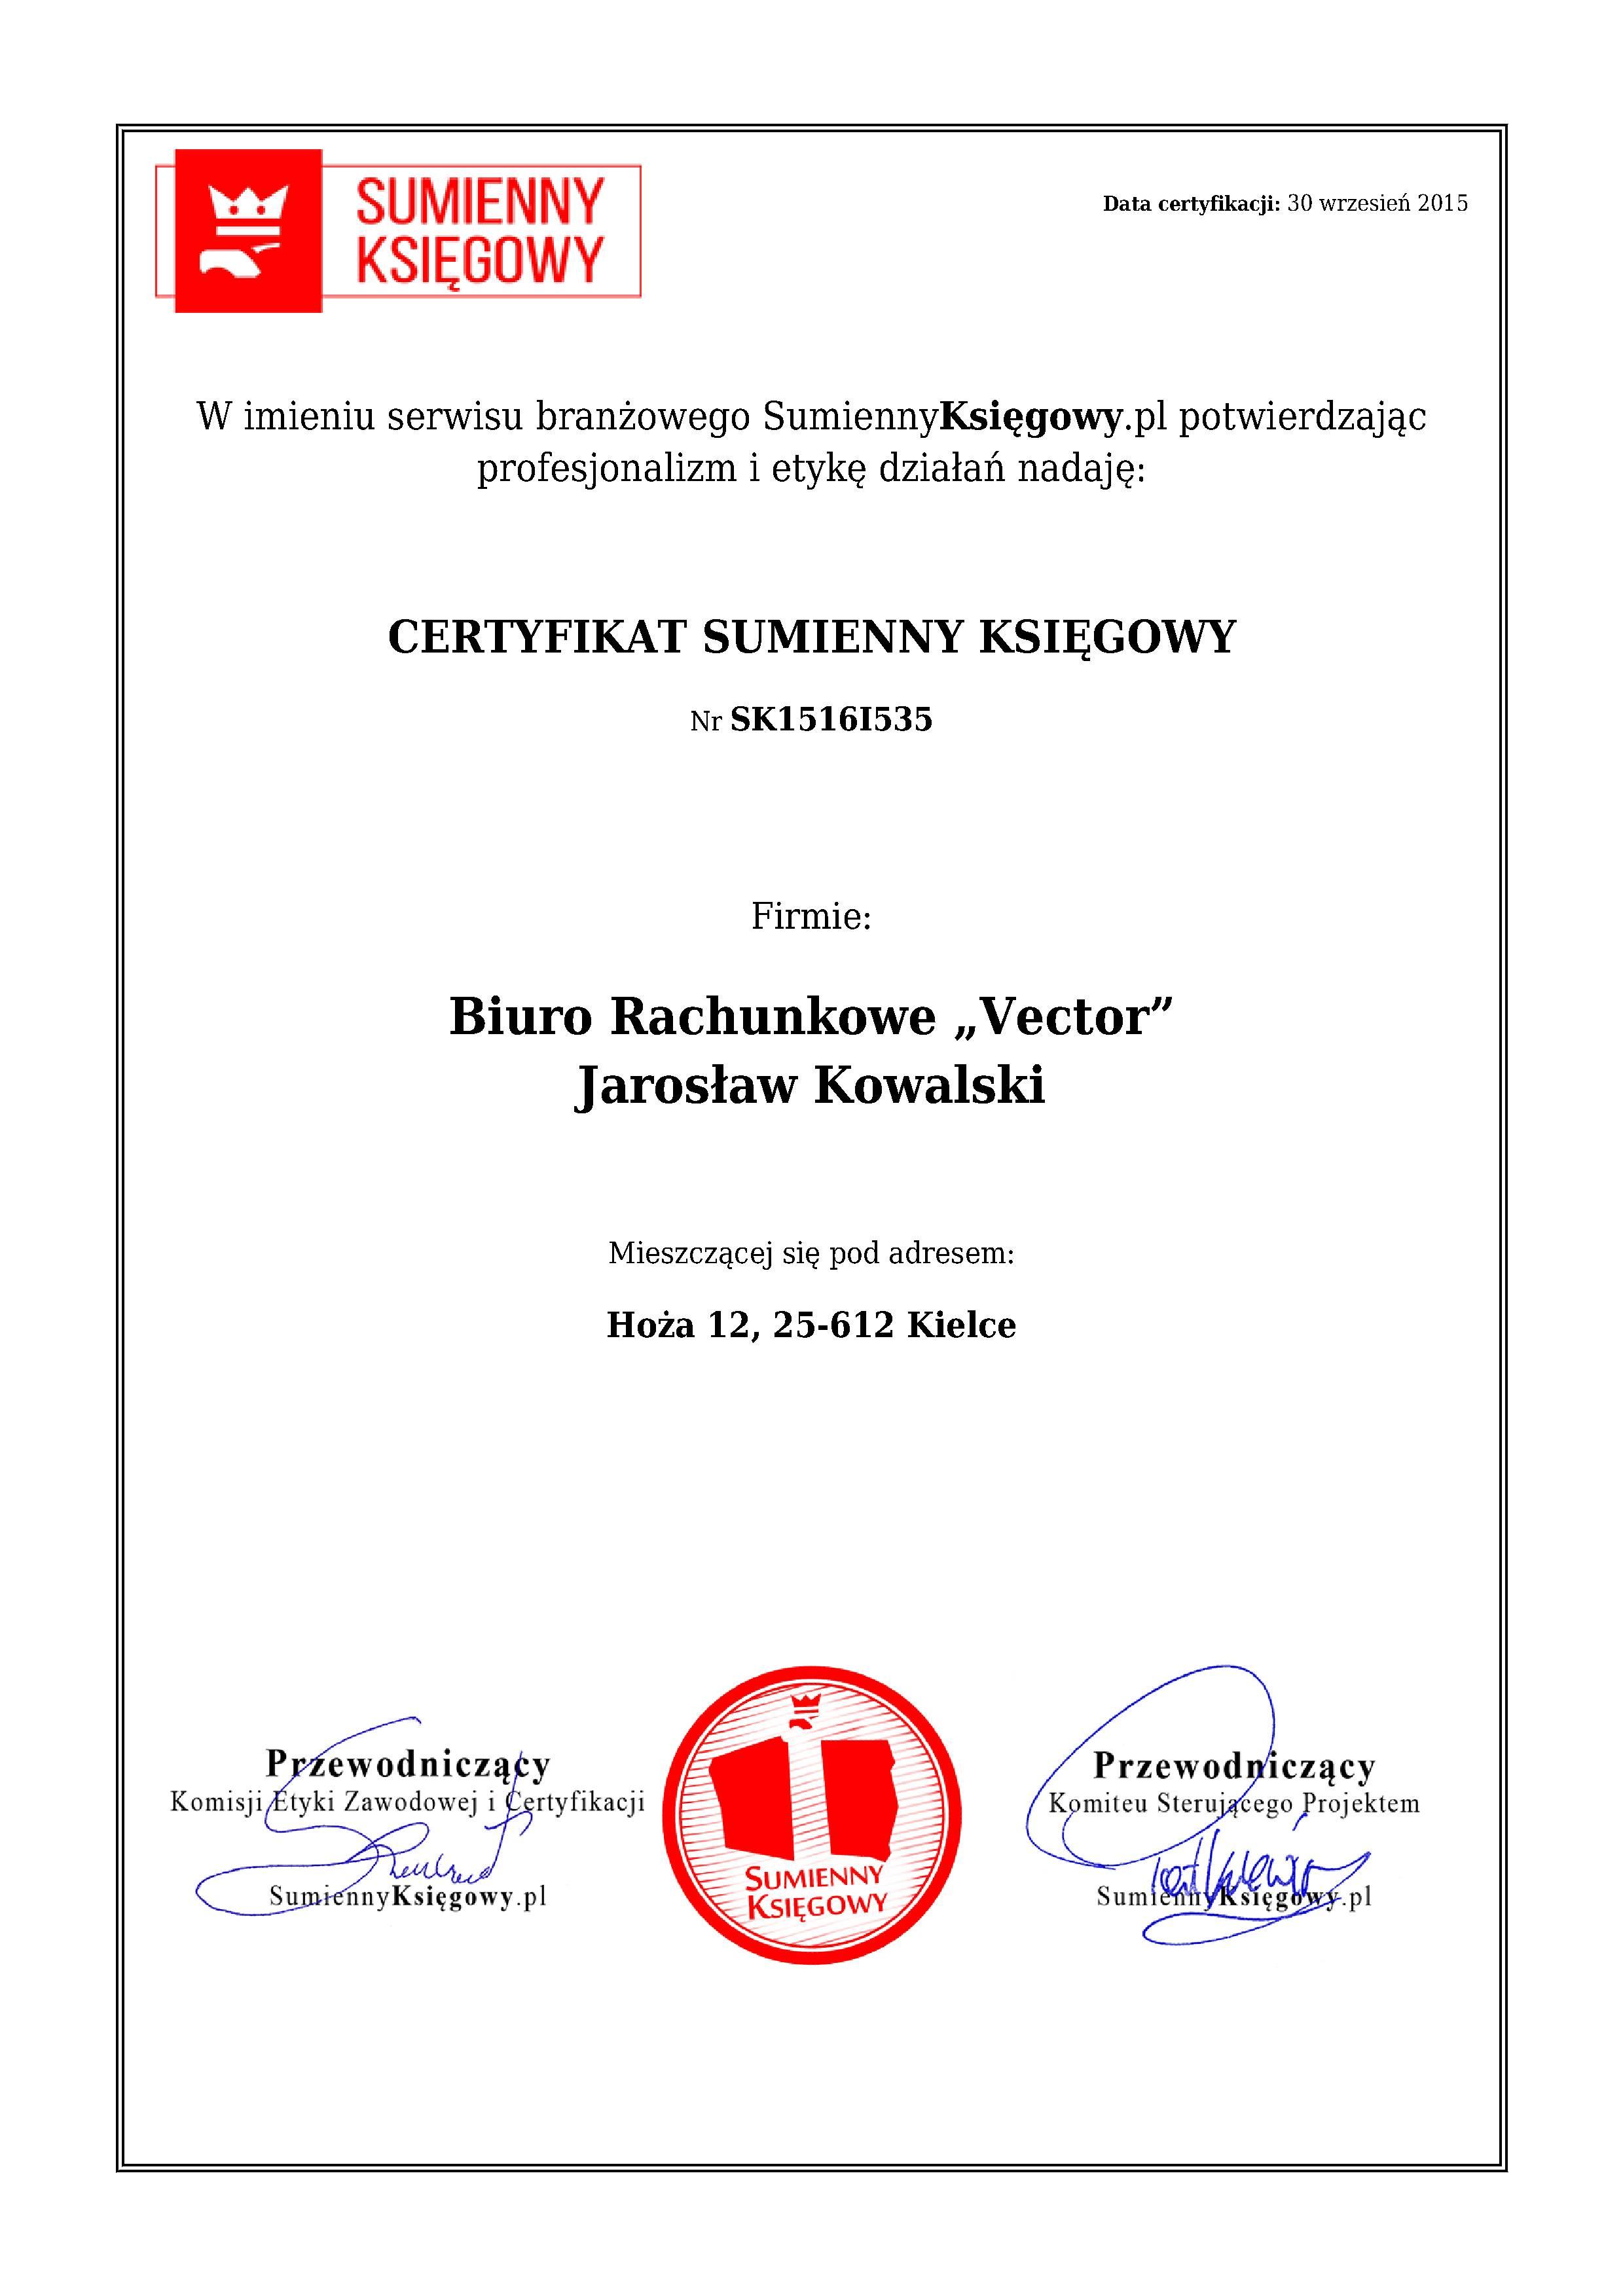 """Certyfikat Biuro Rachunkowe """"Vector"""" Jarosław Kowalski"""